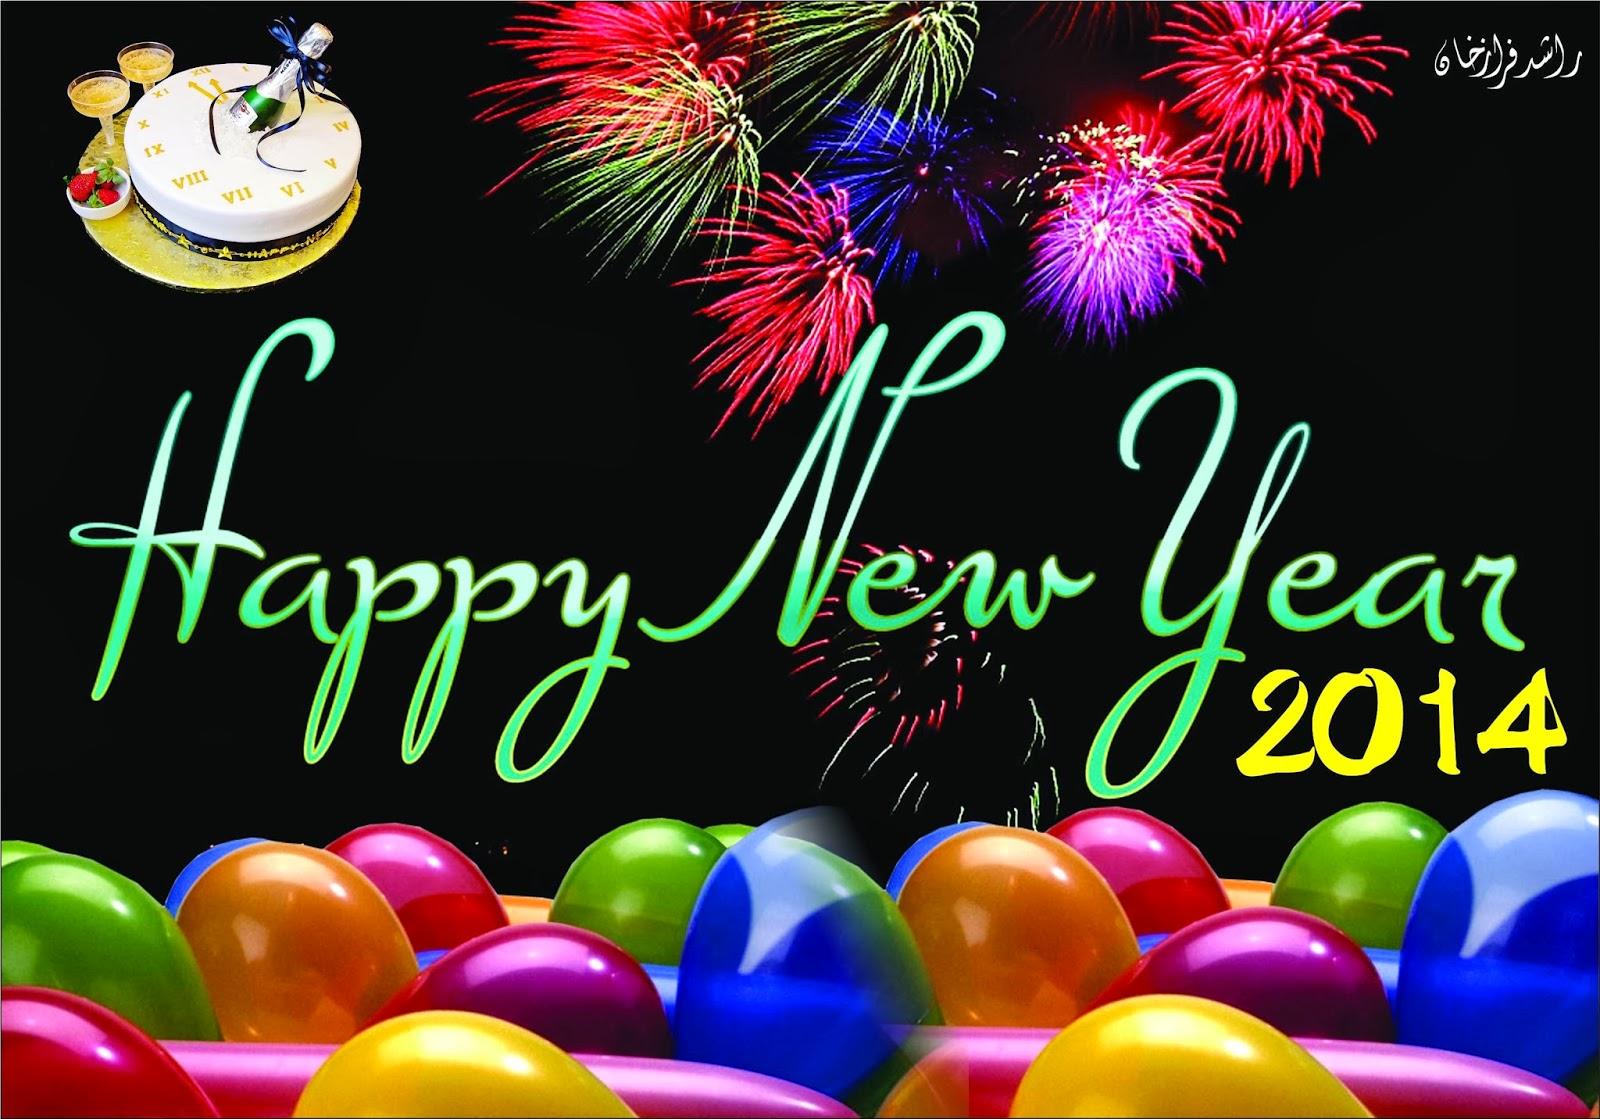 Ucapan Selamat Tahun Baru 2014 Dalam Bahasa Inggris Dan Artinya